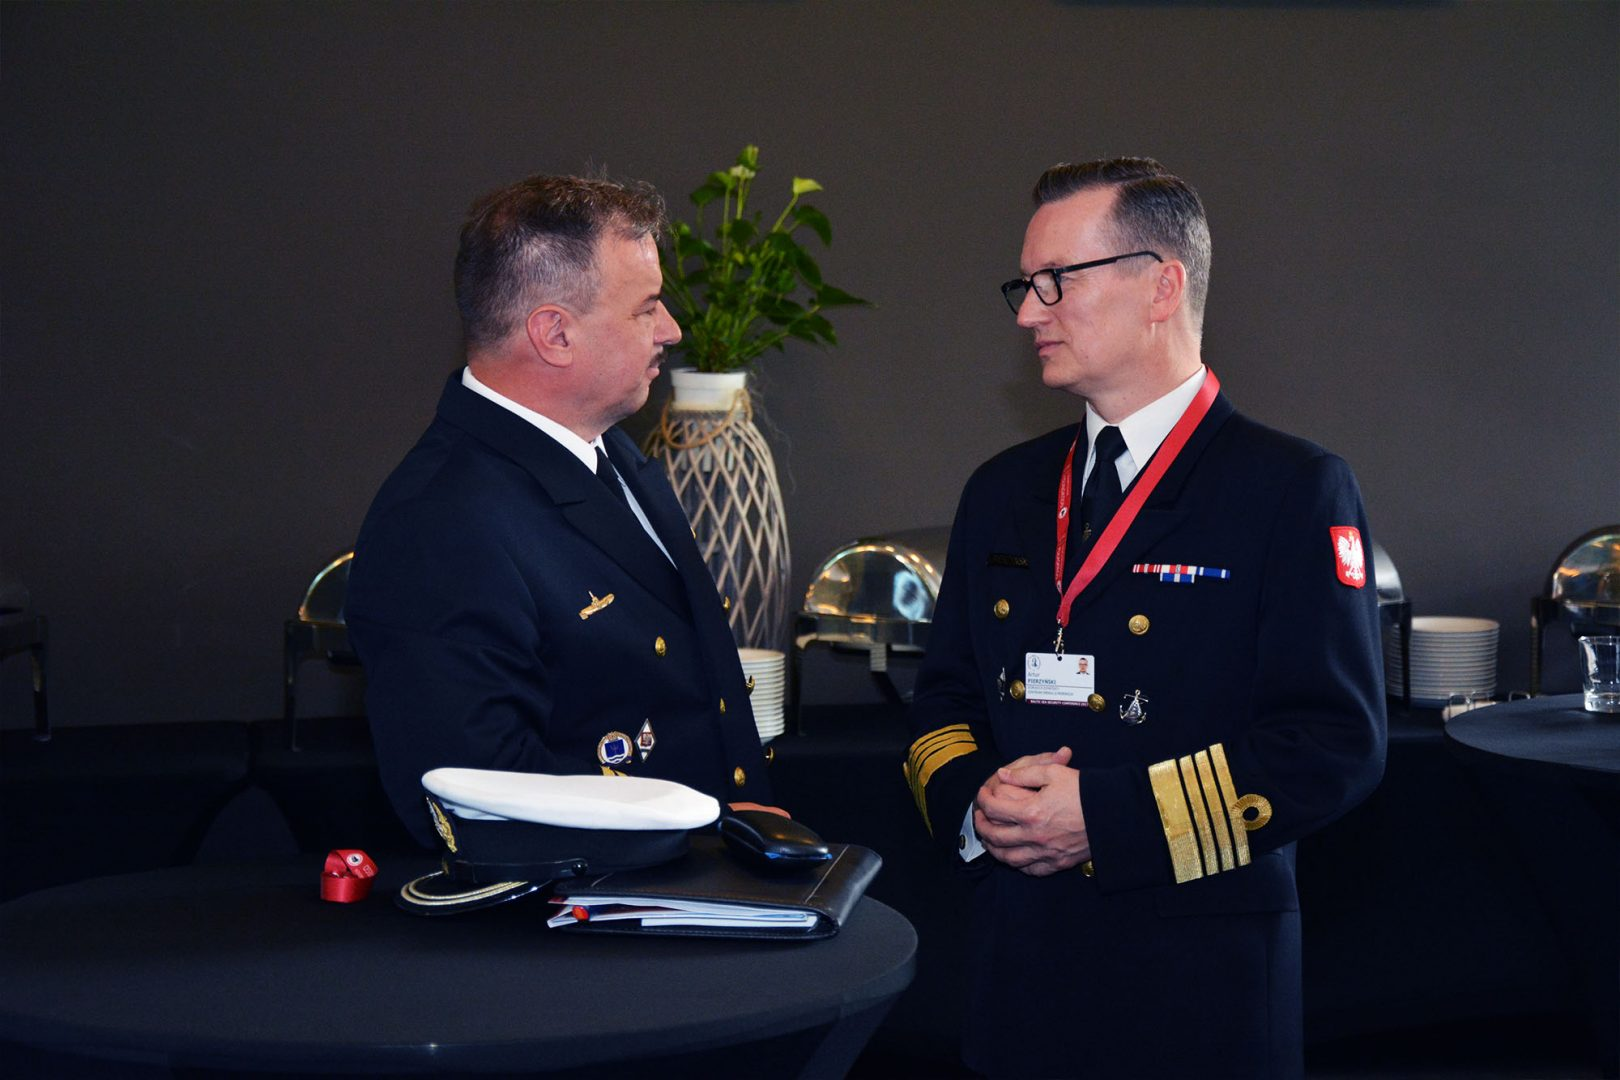 POLSKIE RADIO | #BSSC2017: Jaka strategia dla Morza Bałtyckiego ijakie okręty?